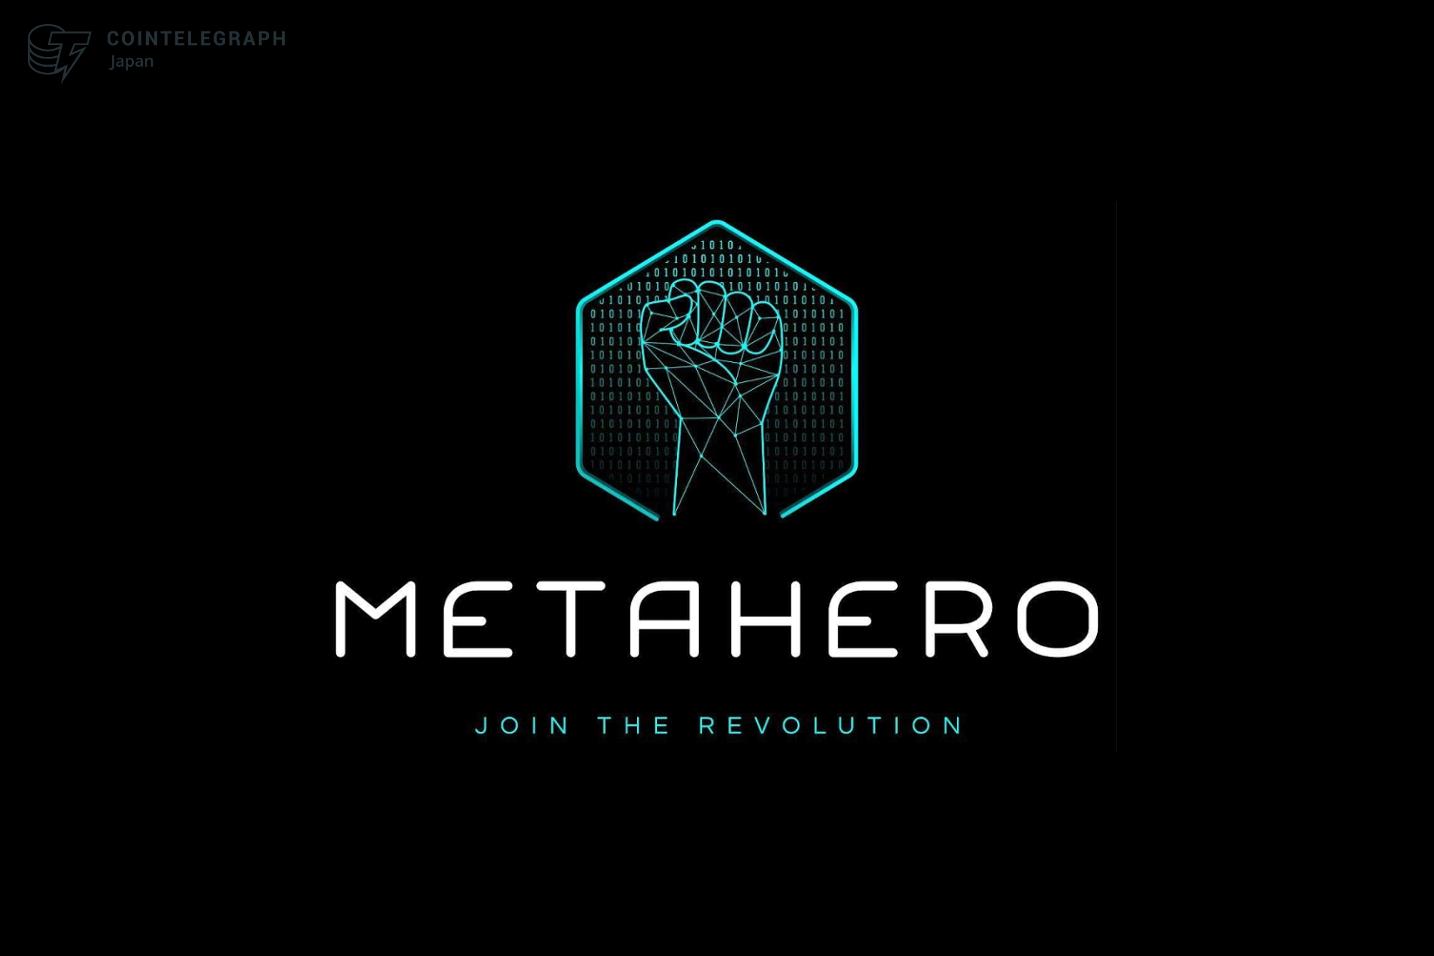 METAHEROは、ネイティブ・デフレ・トークンを燃料とする超HDメタスキャン技術の発表を行います